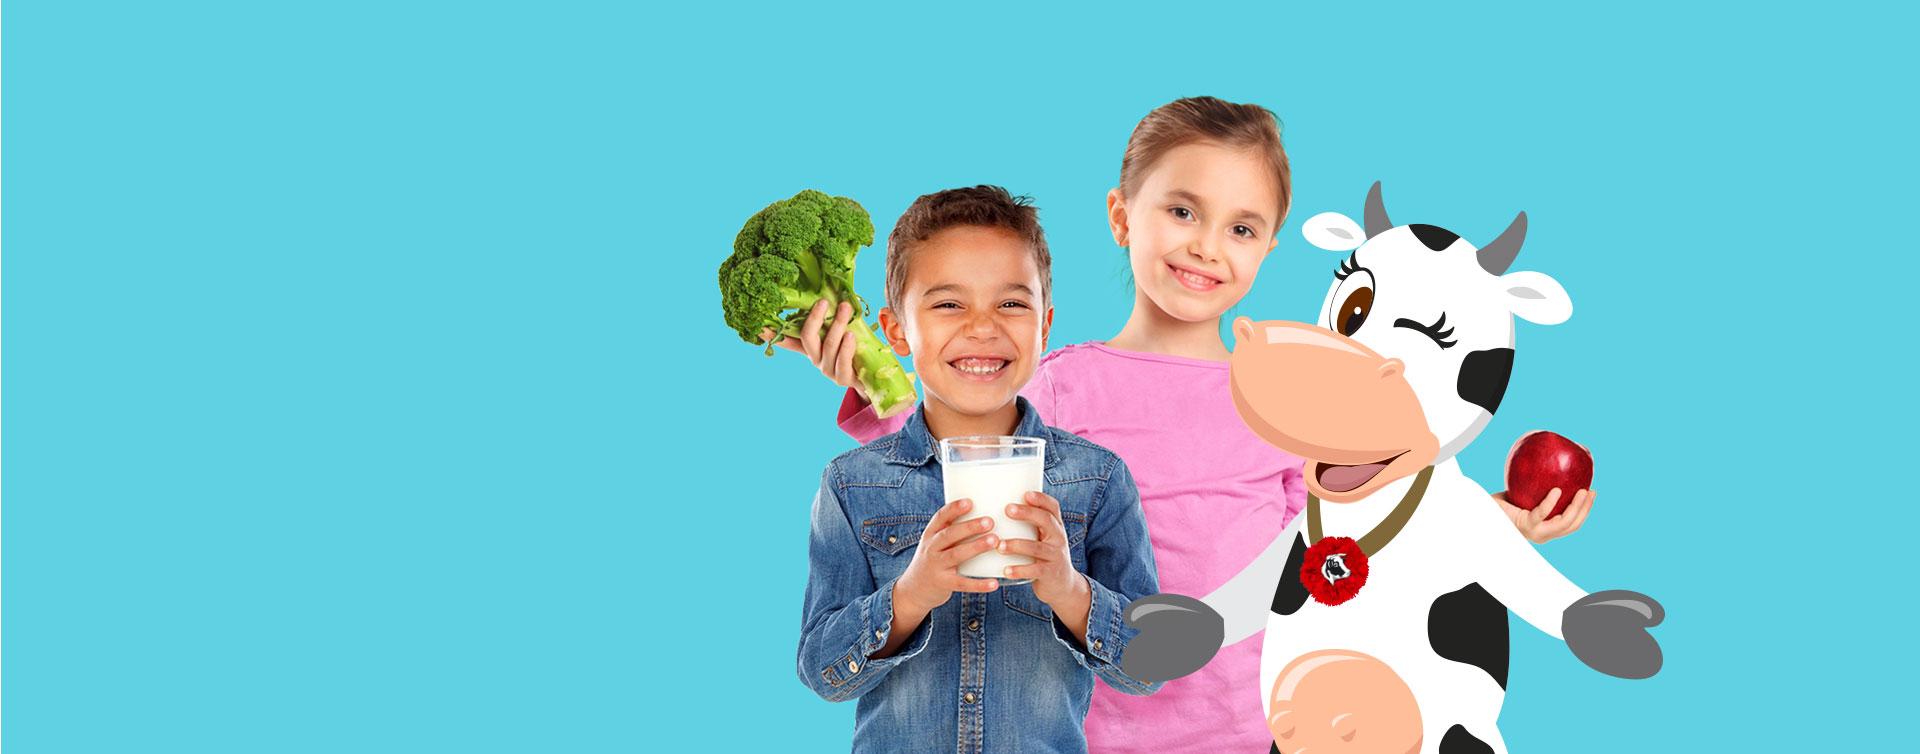 gloria la buena nutricion